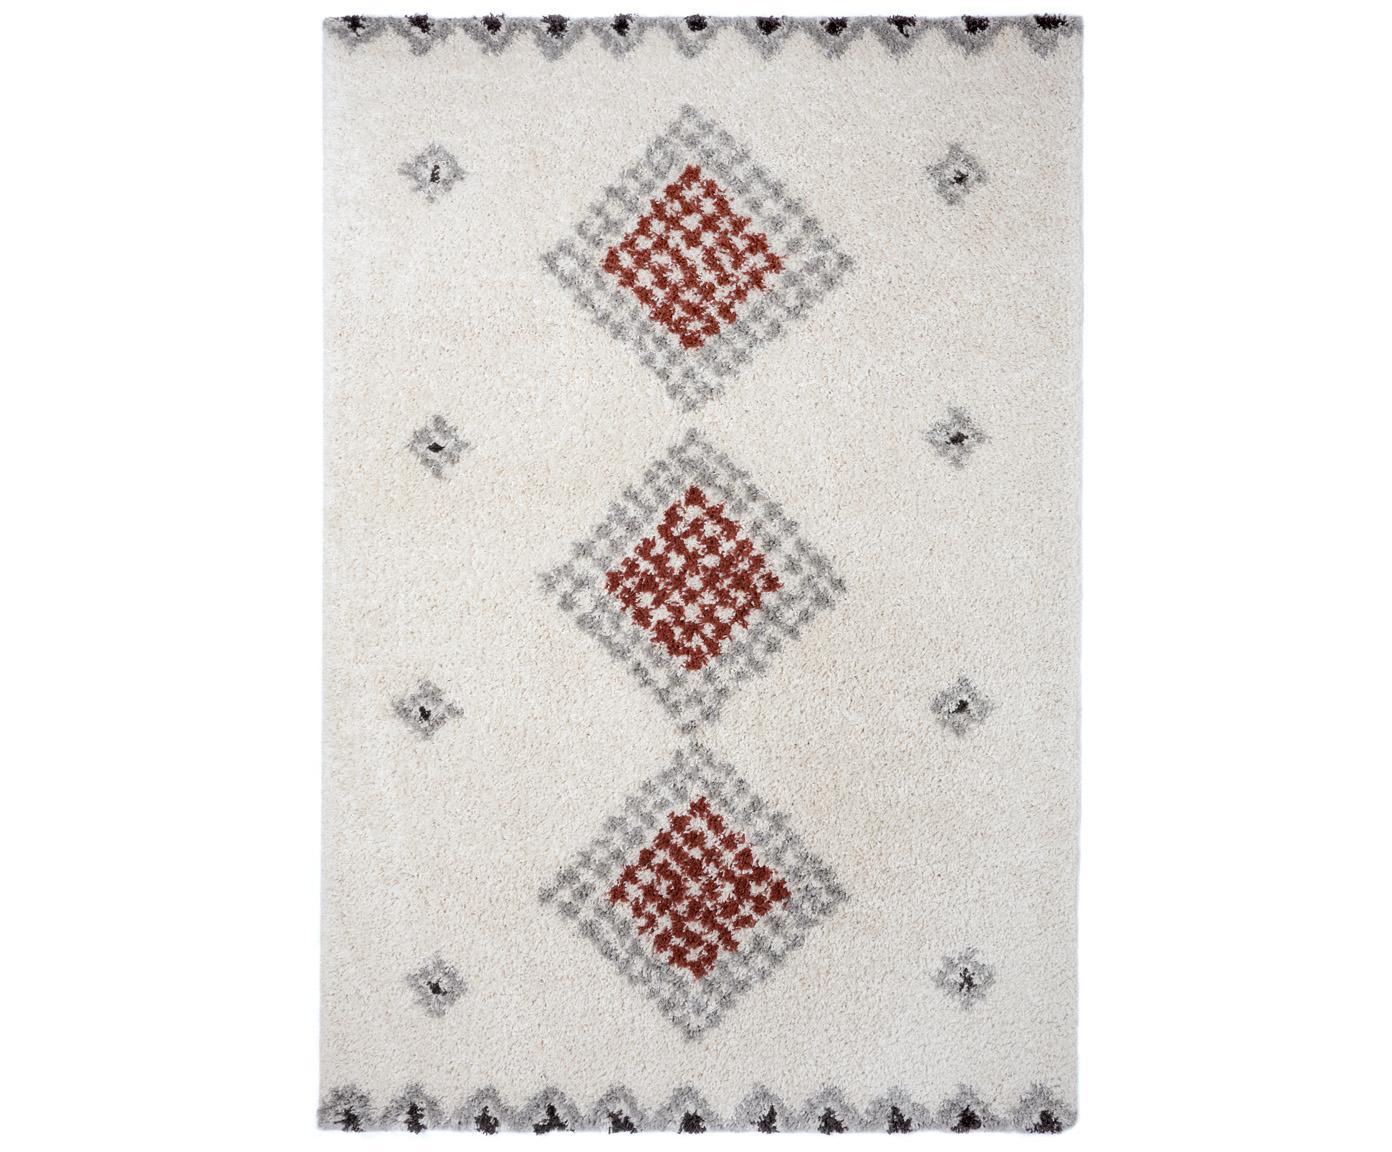 Hochflor-Teppich Cassia mit Ethnomuster, 100% Polypropylen, Cremefarben, Rostbraun, Grau, Schwarz, B 120 x L 170 cm (Größe S)